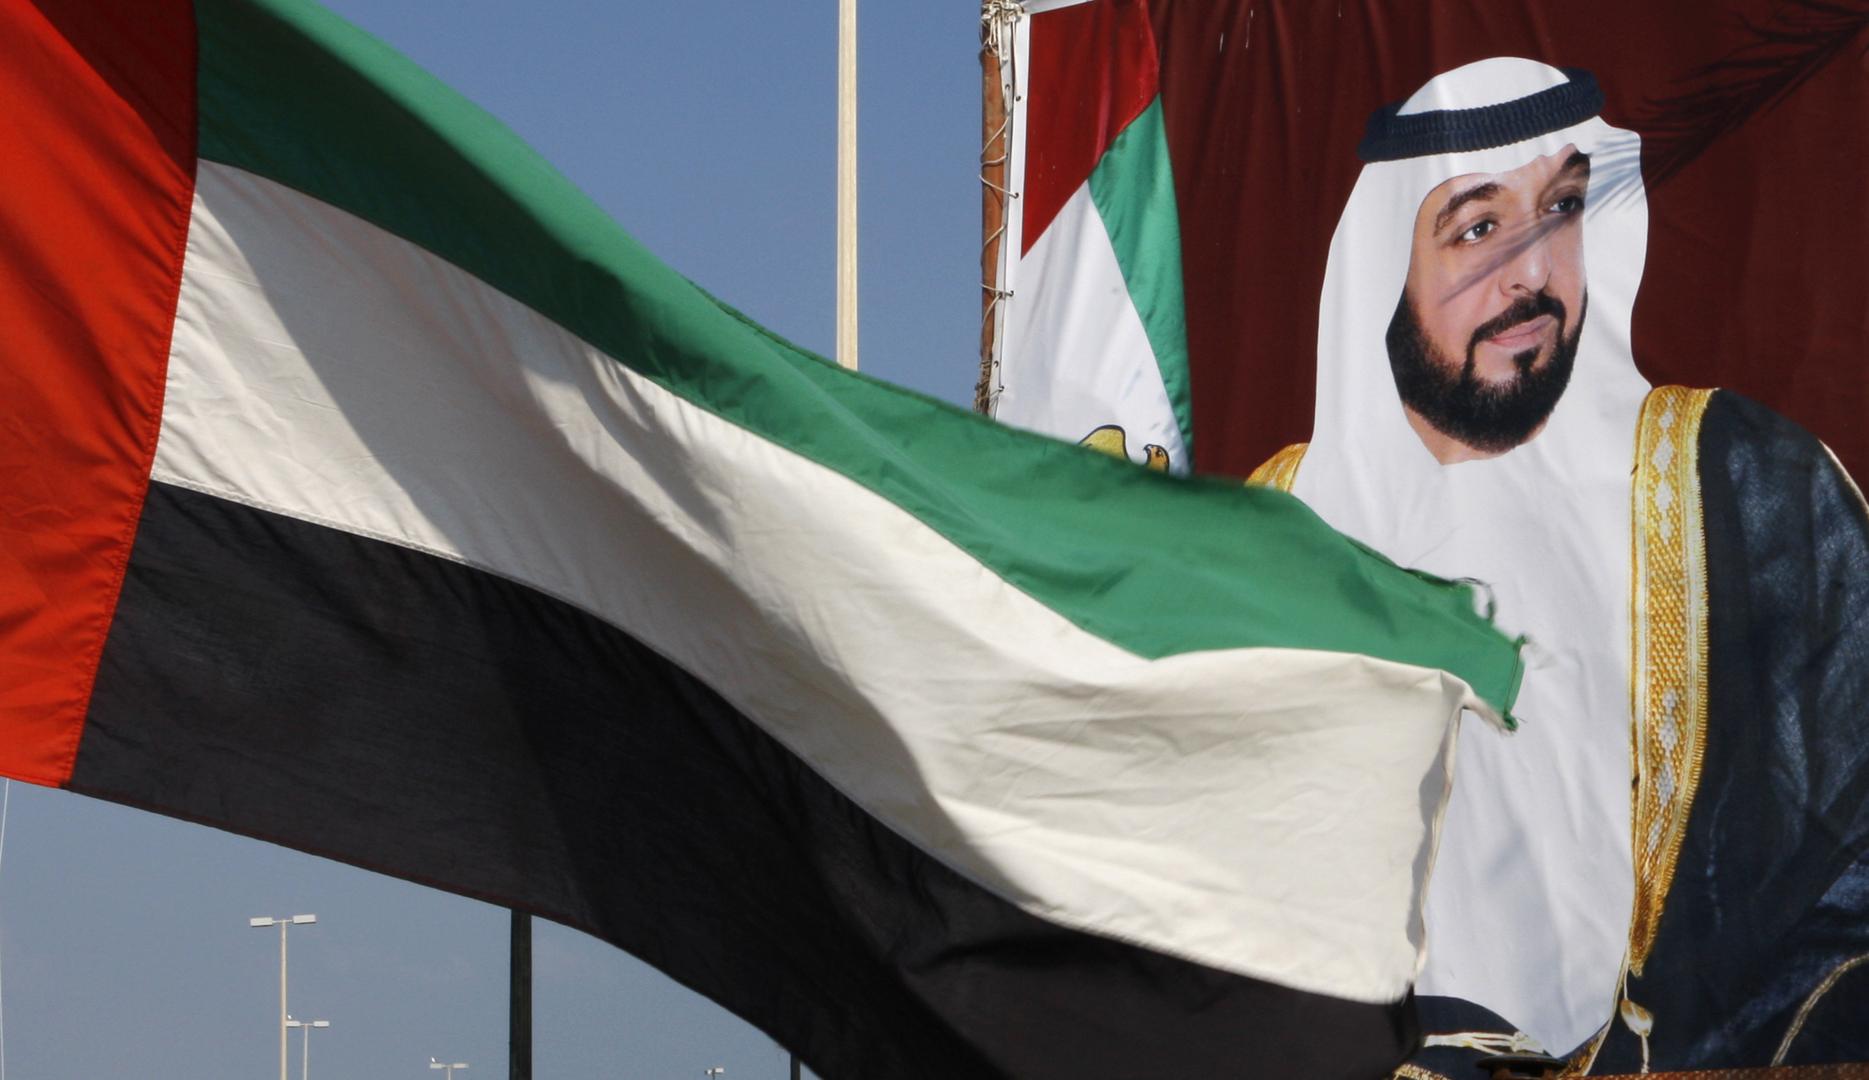 رئيس الإمارات يمنح سفير روسيا الراحل لدى بلاده وسام الاستقلال من الطبقة الأولى